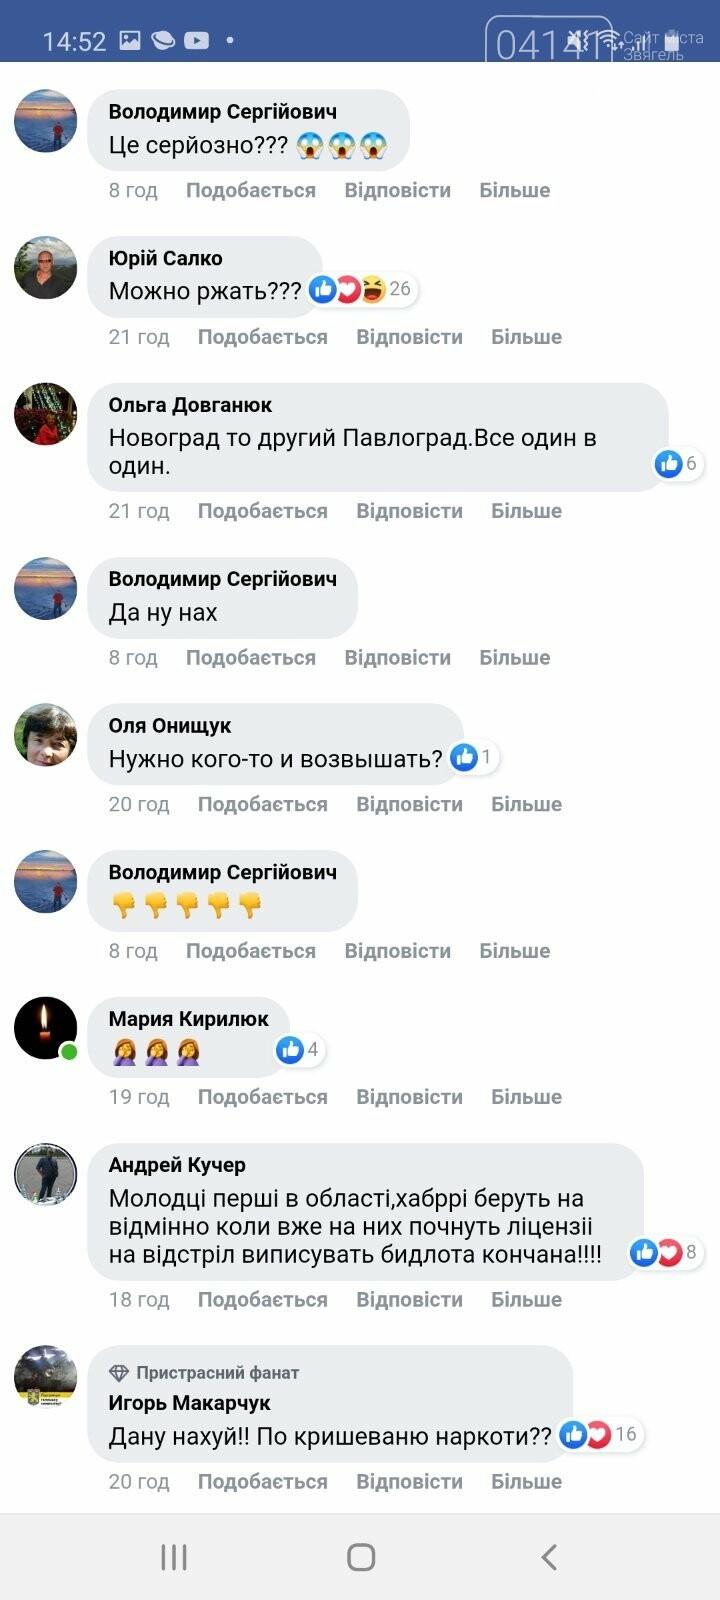 """Що думають новоград-волинці про """"першіcь"""" місцевого відділу поліції в області: (Скріни з коментарями), фото-2"""